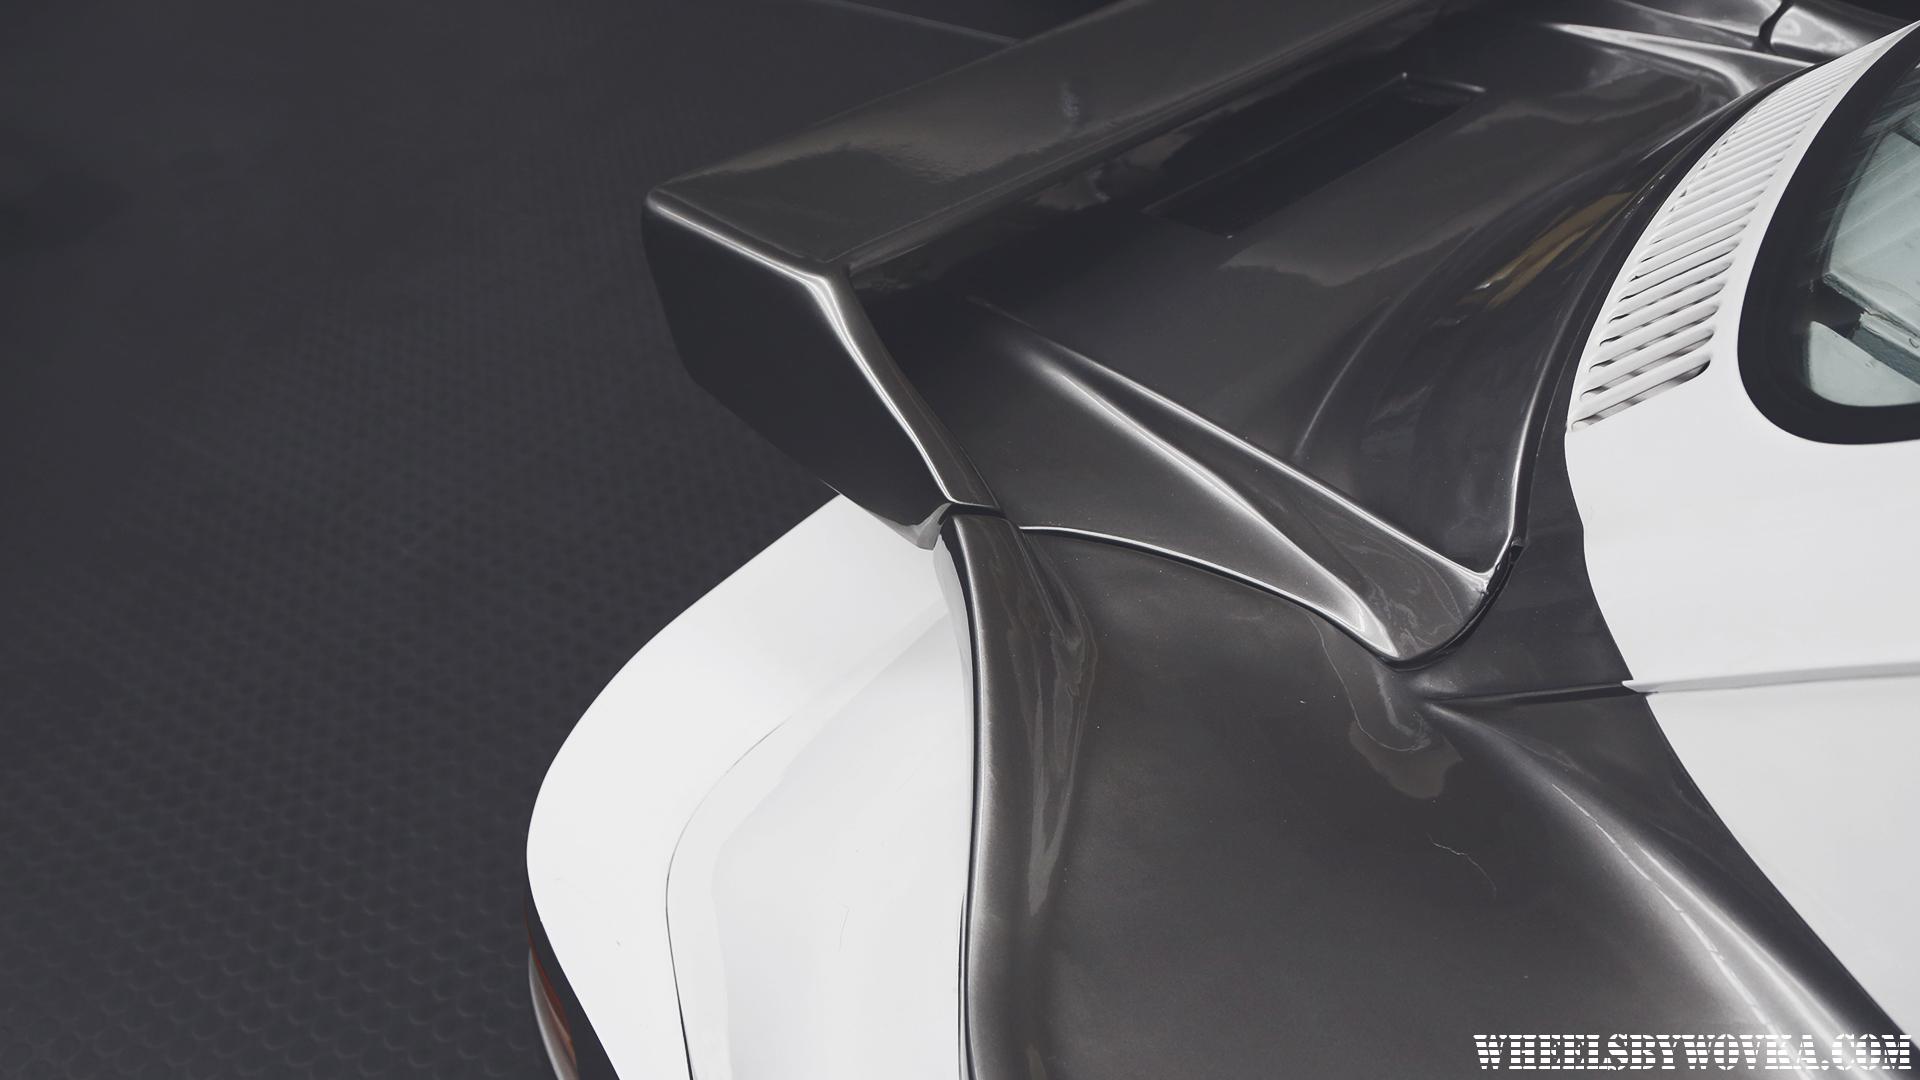 vw-volkswagen-beetle-1303-oettinger-widebody-7